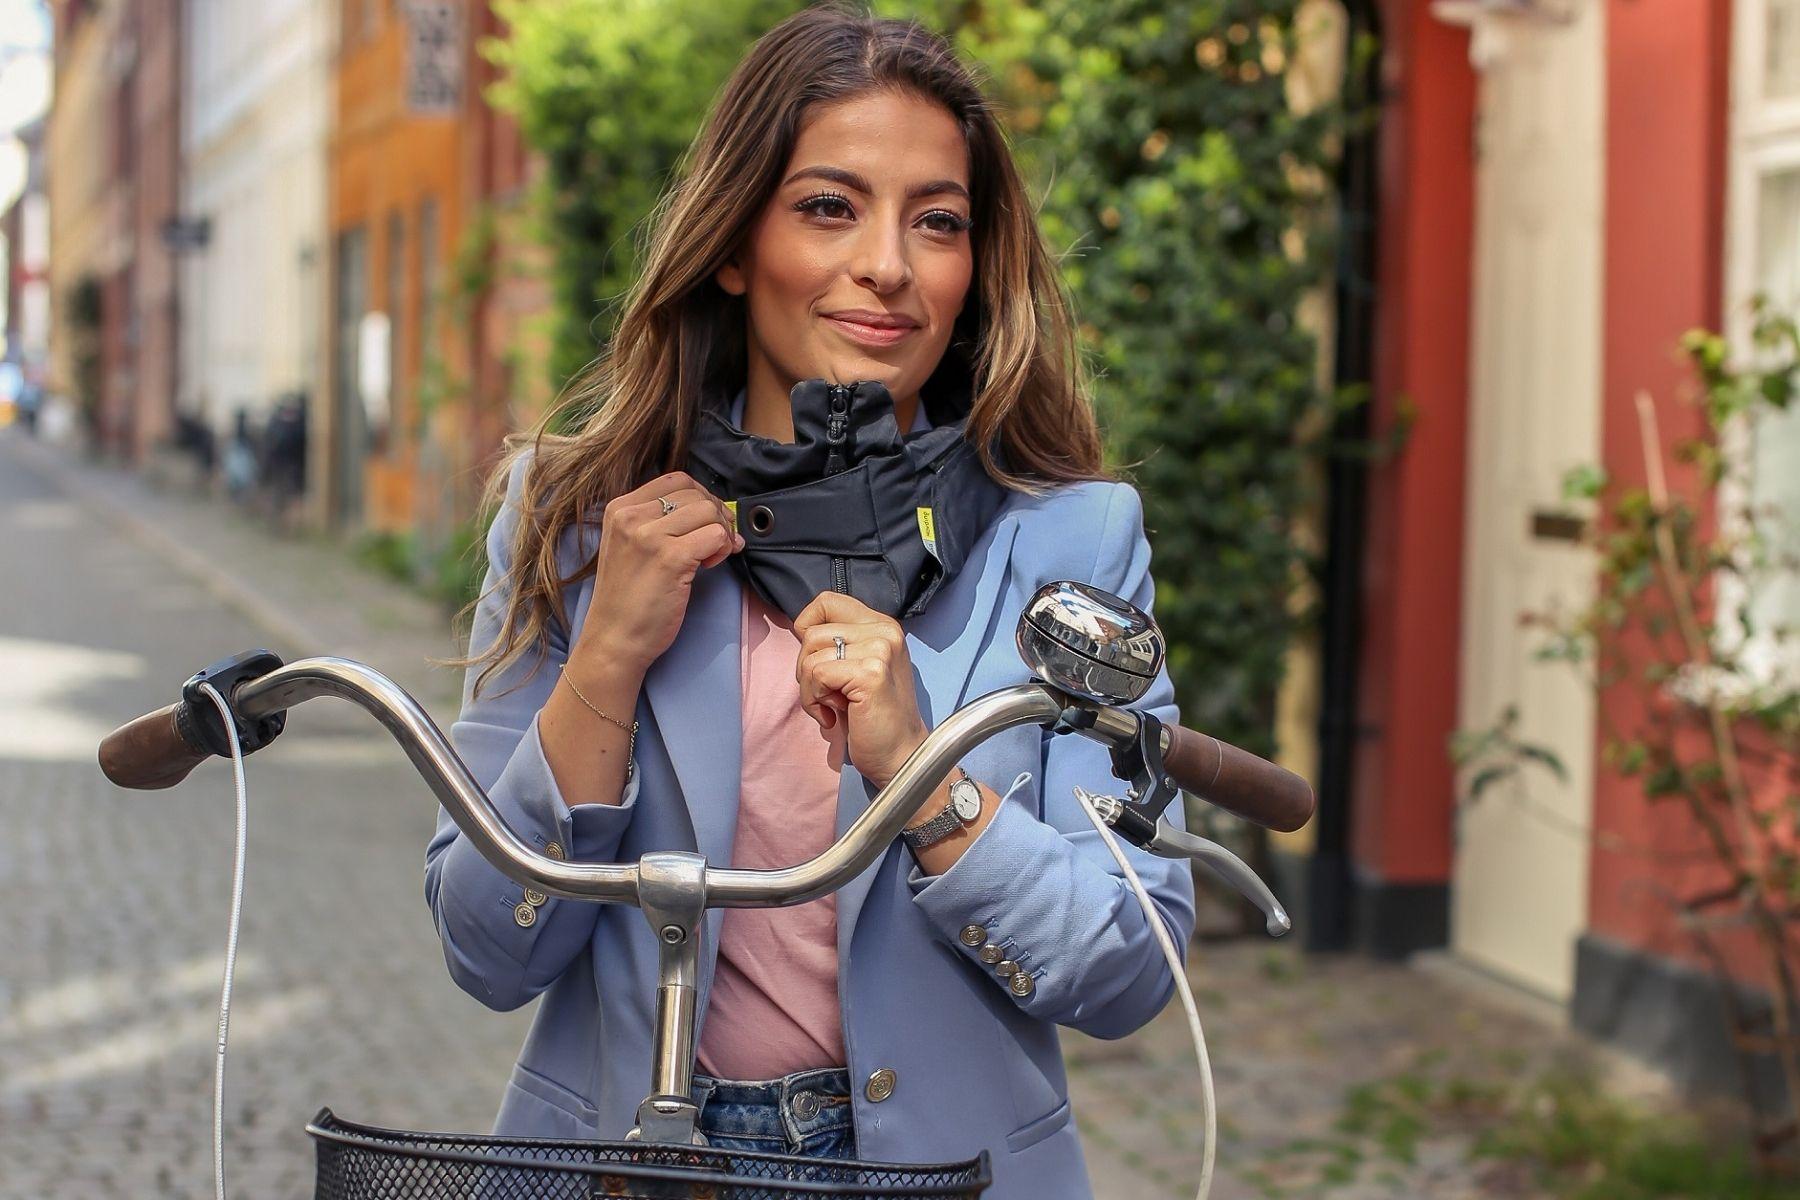 Immer mehr Radfahrer wählen Hövding Airbags